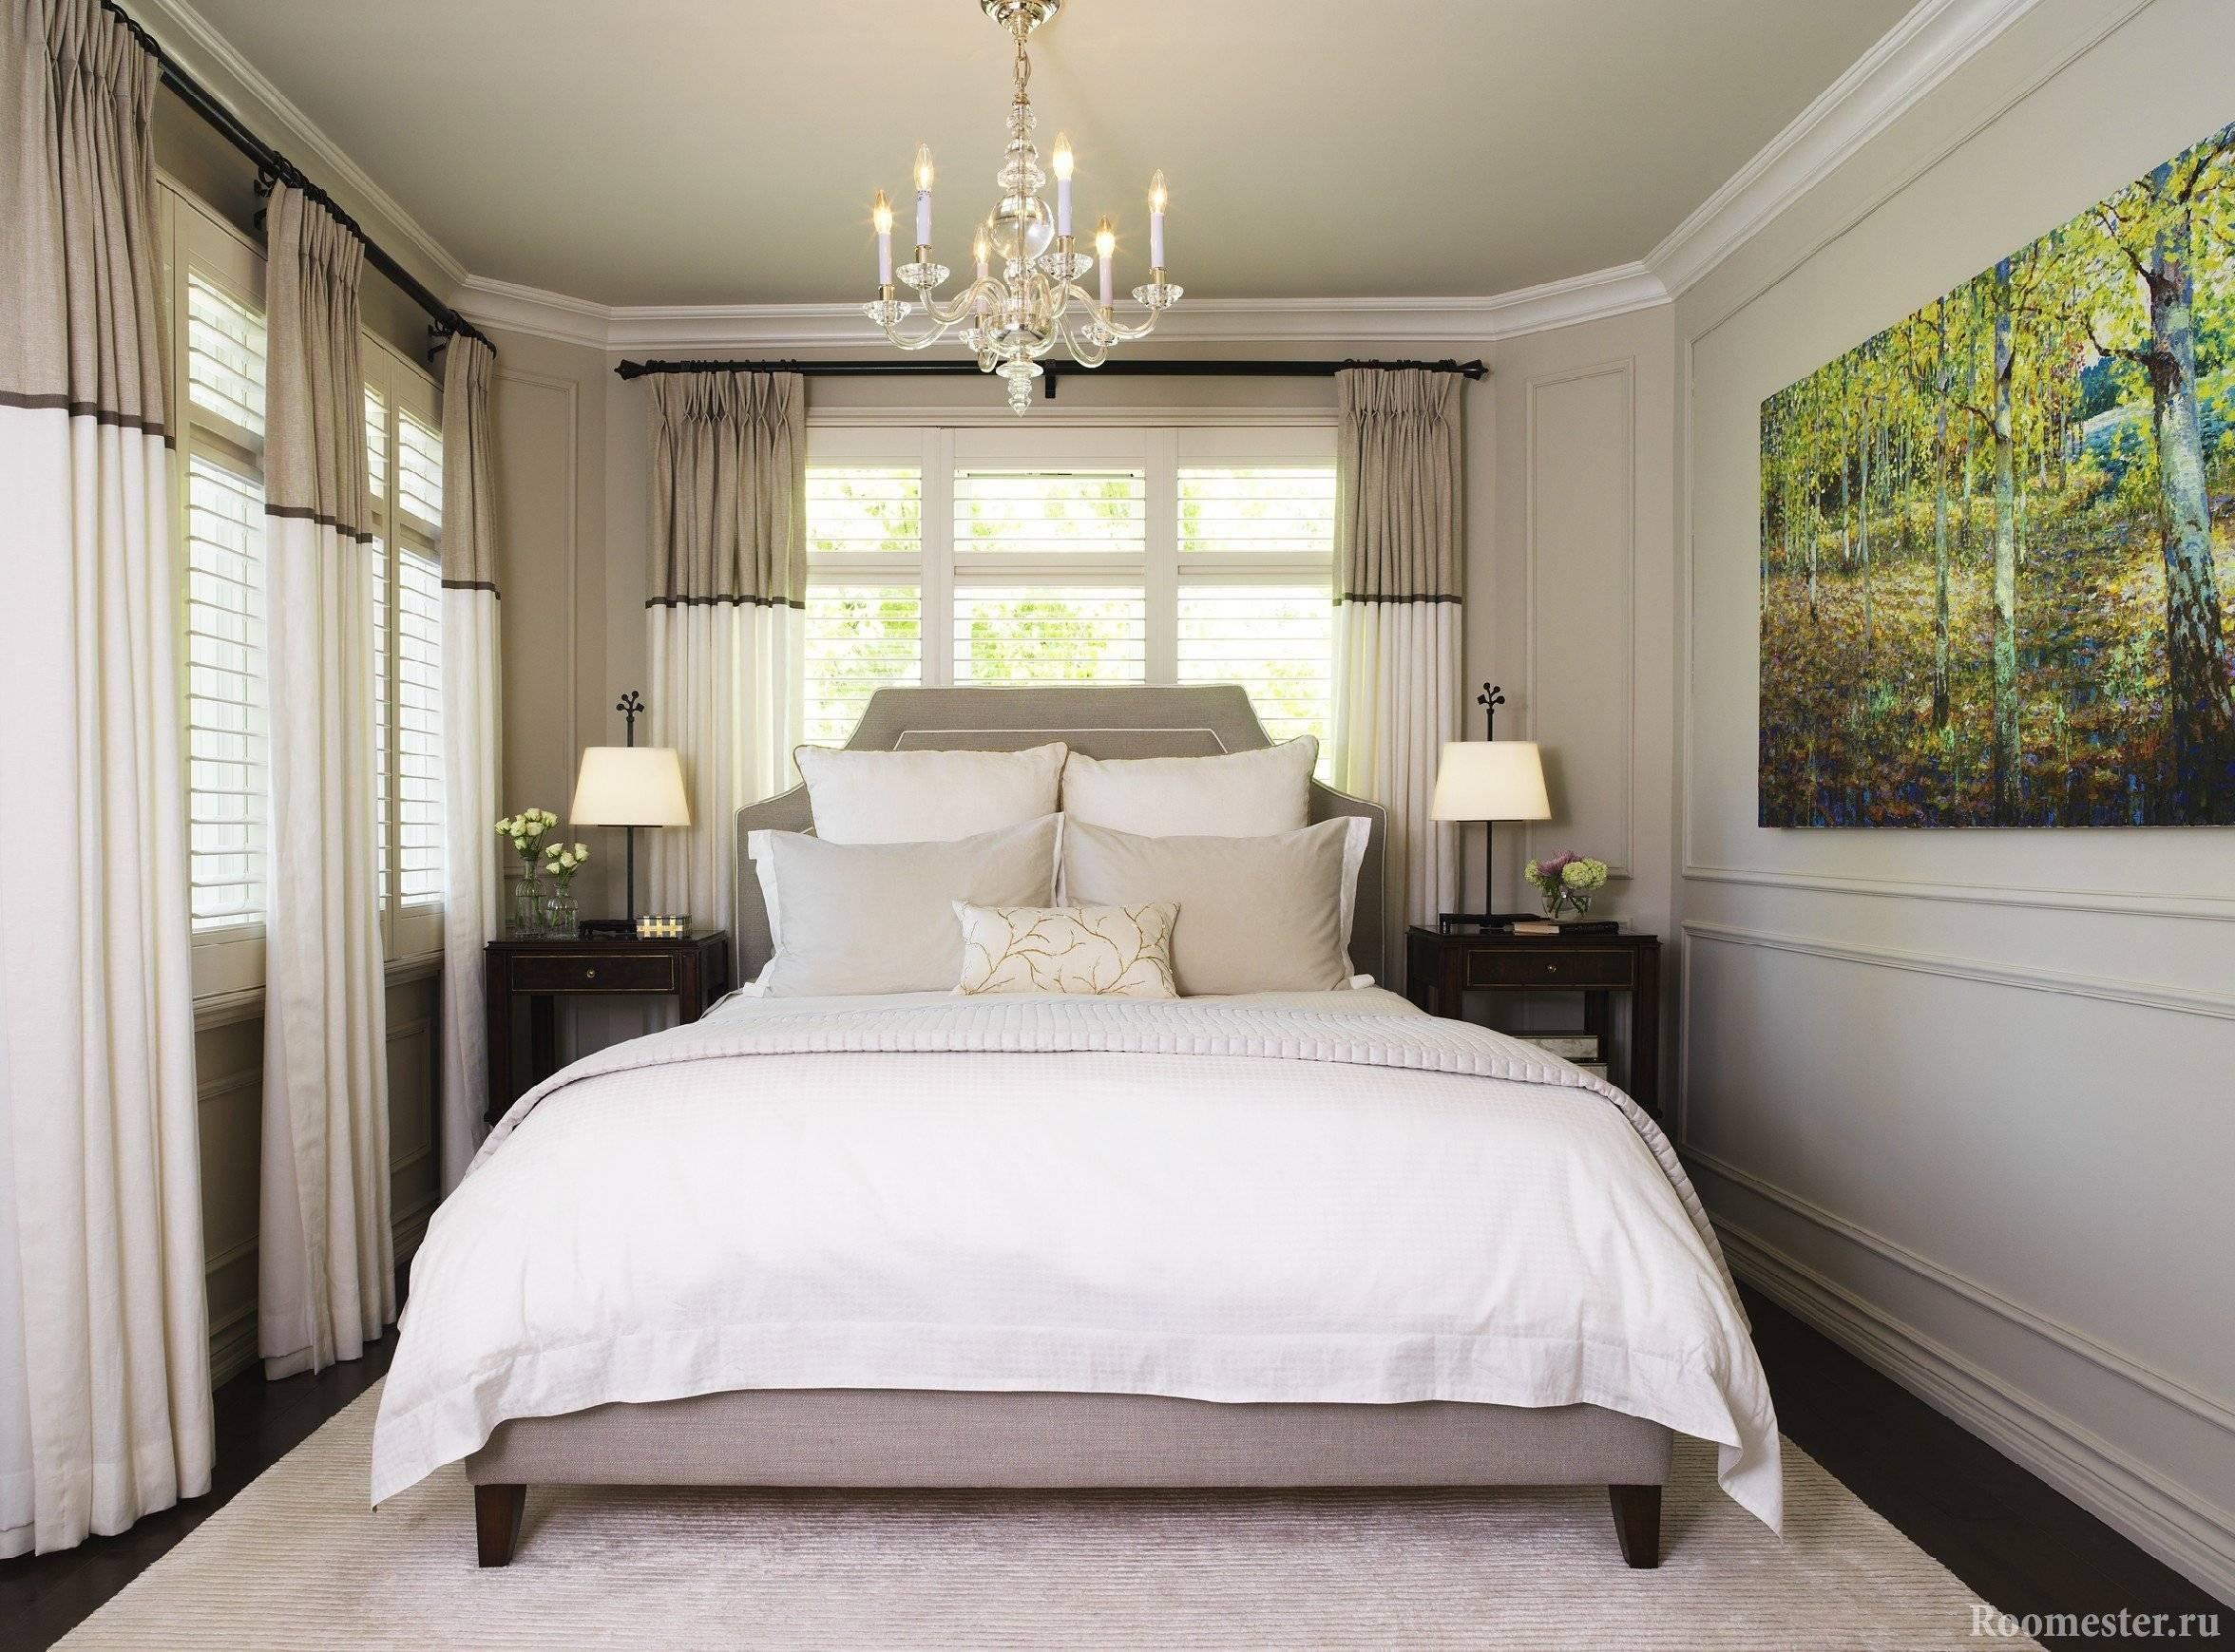 Дизайн окна в спальне или как его красиво оформить